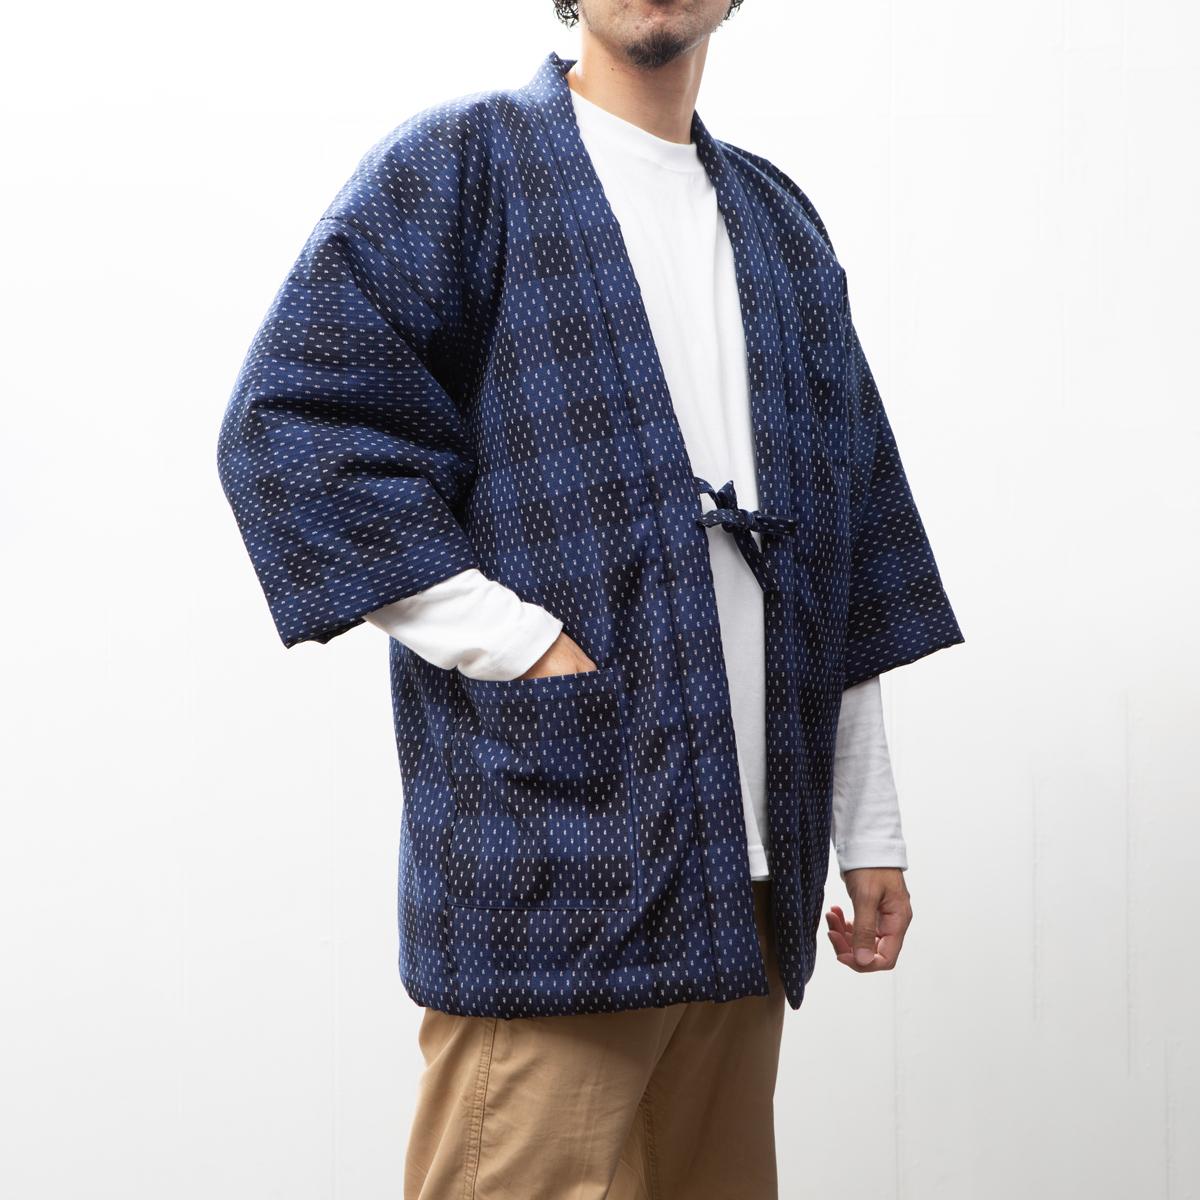 手詰め中綿はんてん ドビー織あられ格子柄 男性用 市販 日本製久留米産 丹前 袢纏 お得セット 半天 どてらちゃんちゃんこ